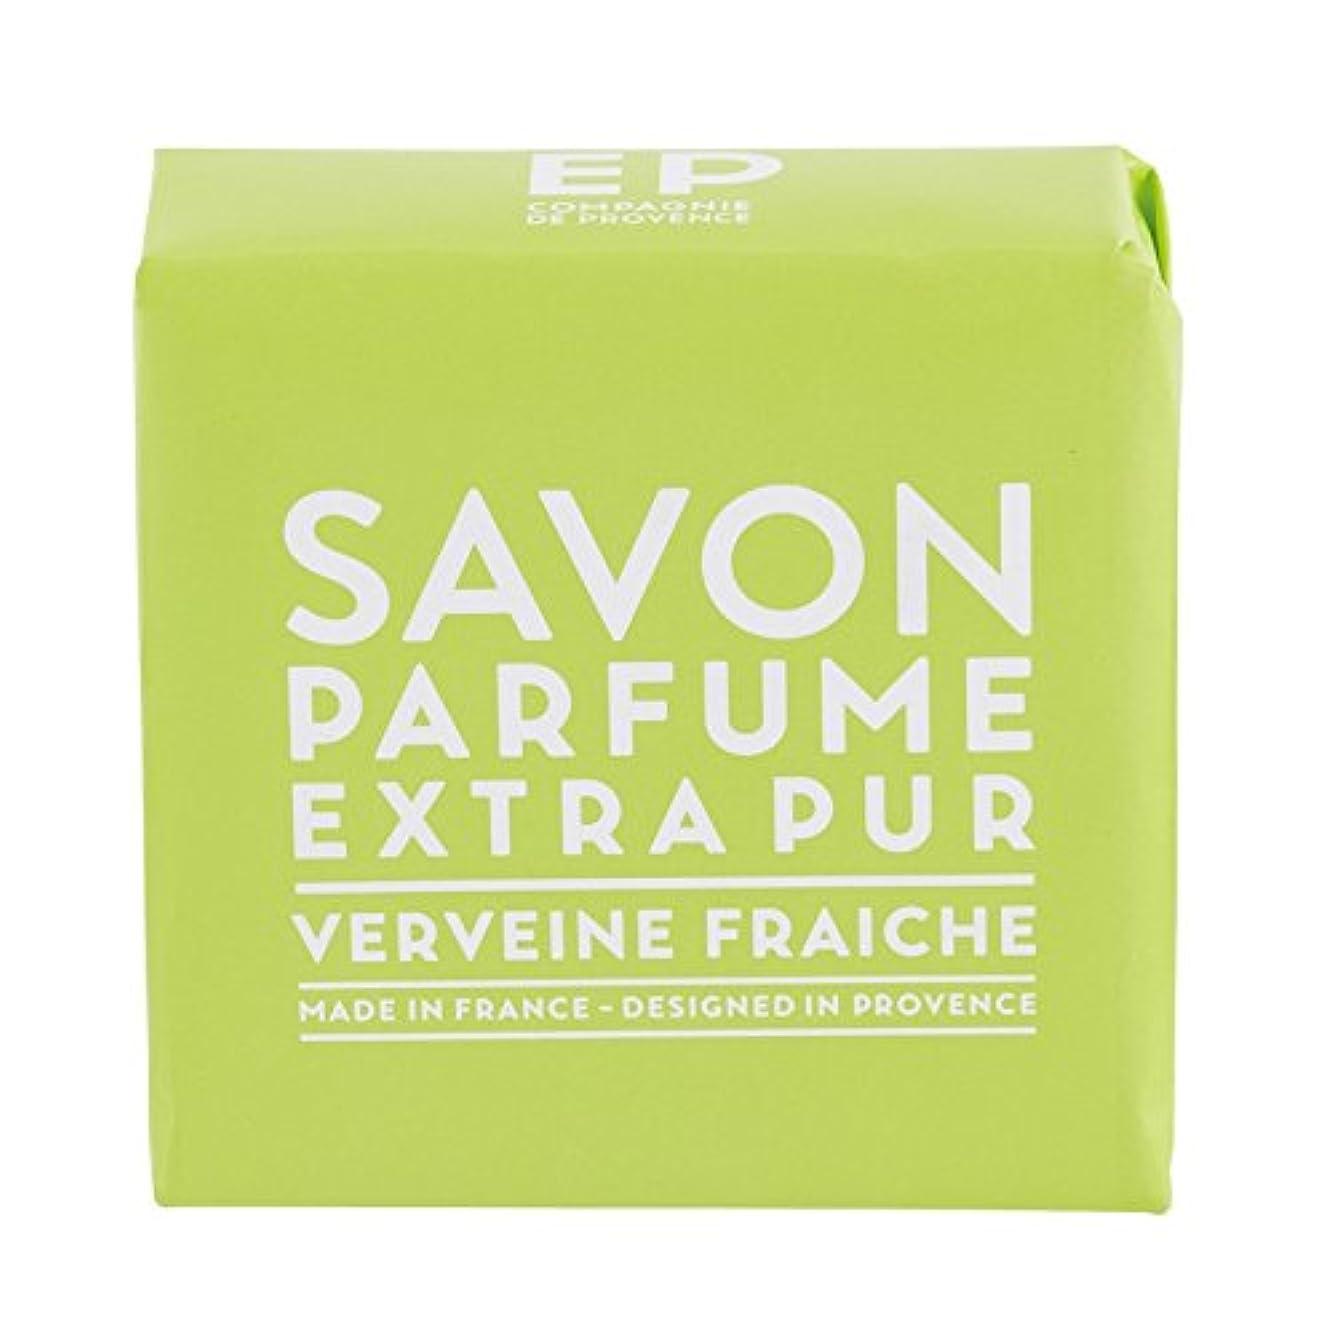 広く楽しませる間接的カンパニードプロバンス EXP  マルセイユソープ バーベナ 100g(全身用石けん?フランス製?フレッシュで爽快感のあるバーベナの香り)